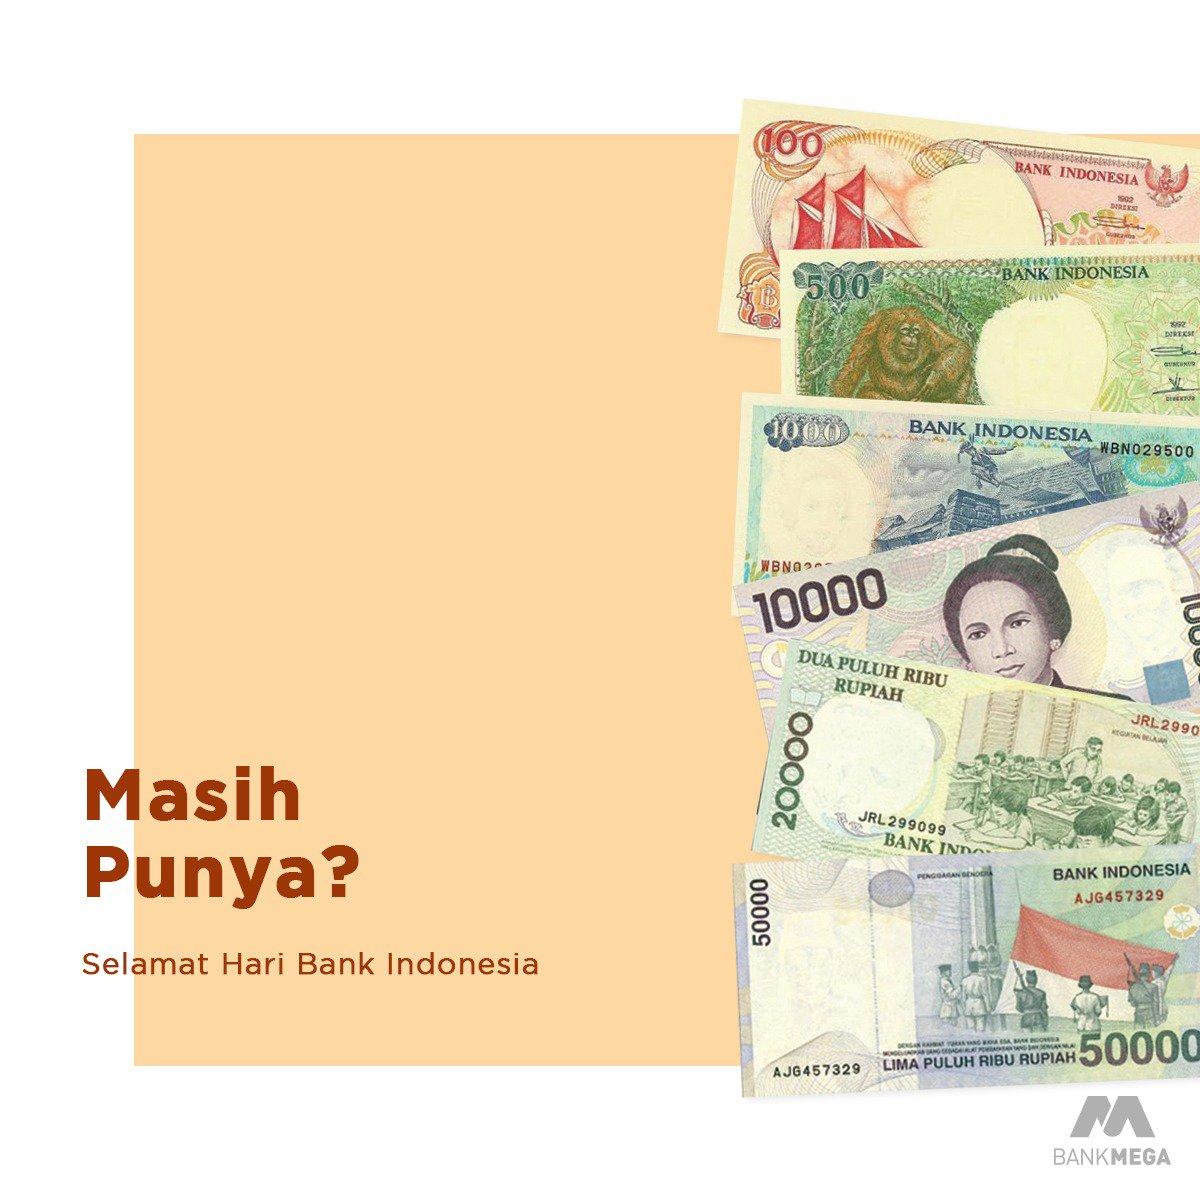 Selamat hari Bank Indonesia. Sebagai bank sentral, BI pernah merilis pecahan uang rupiah seperti pada gambar yang kita gunakan sekitar tahun 90an. Dari gambar di atas tersebut, pecahan uang rupiah mana yang masih Anda miliki? Komen di bawah ya!  #BankMega #HariBankIndonesia